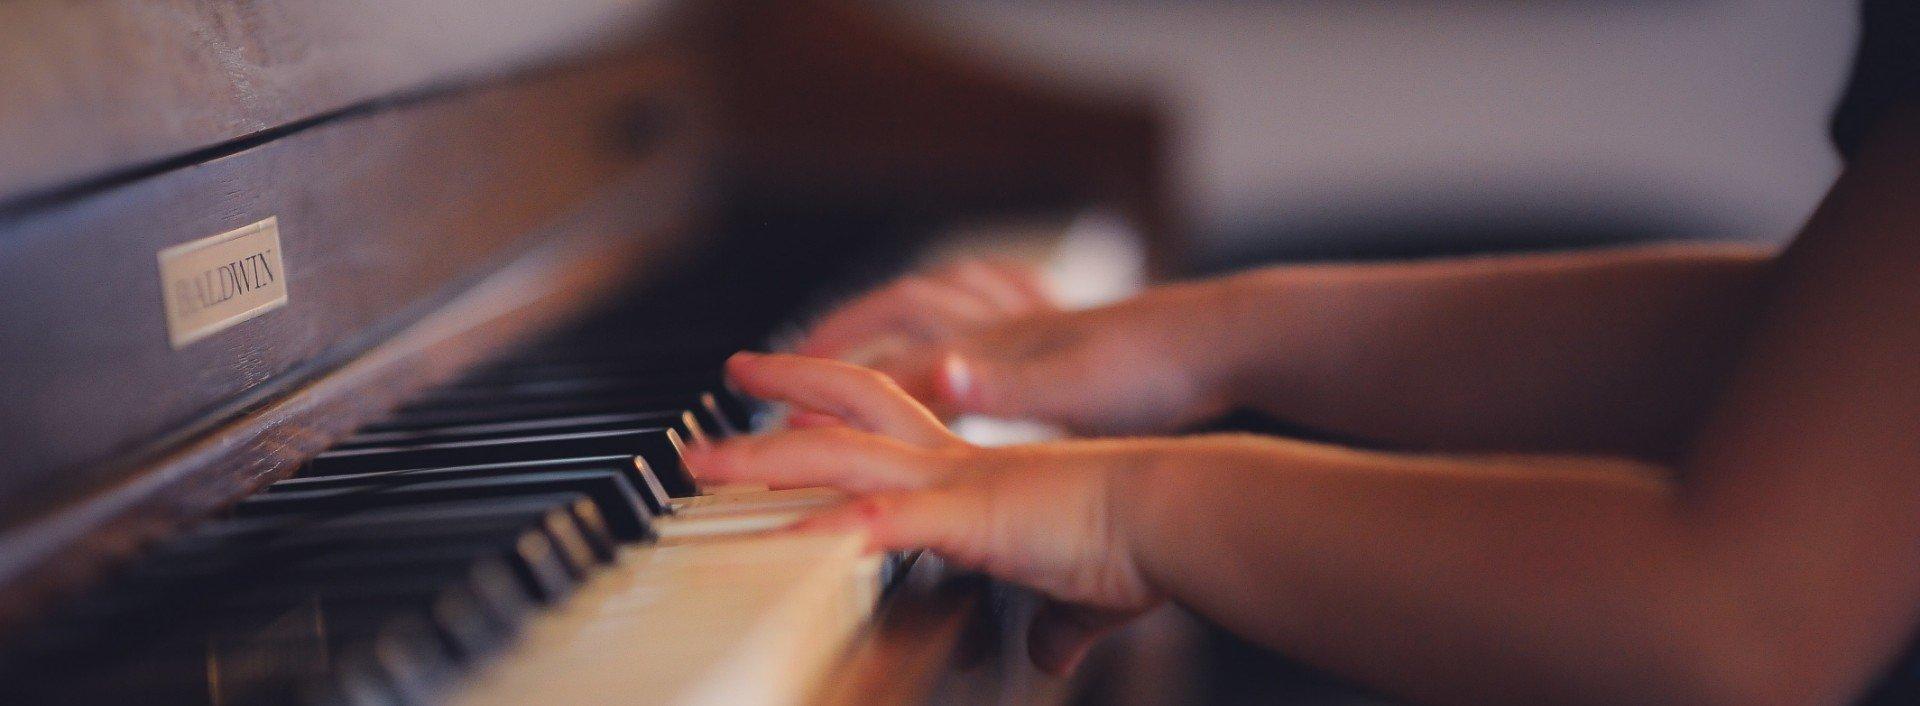 Redewendungen mit get: Ein Kind lernt Klavier zu spielen und bekommt den Dreh raus